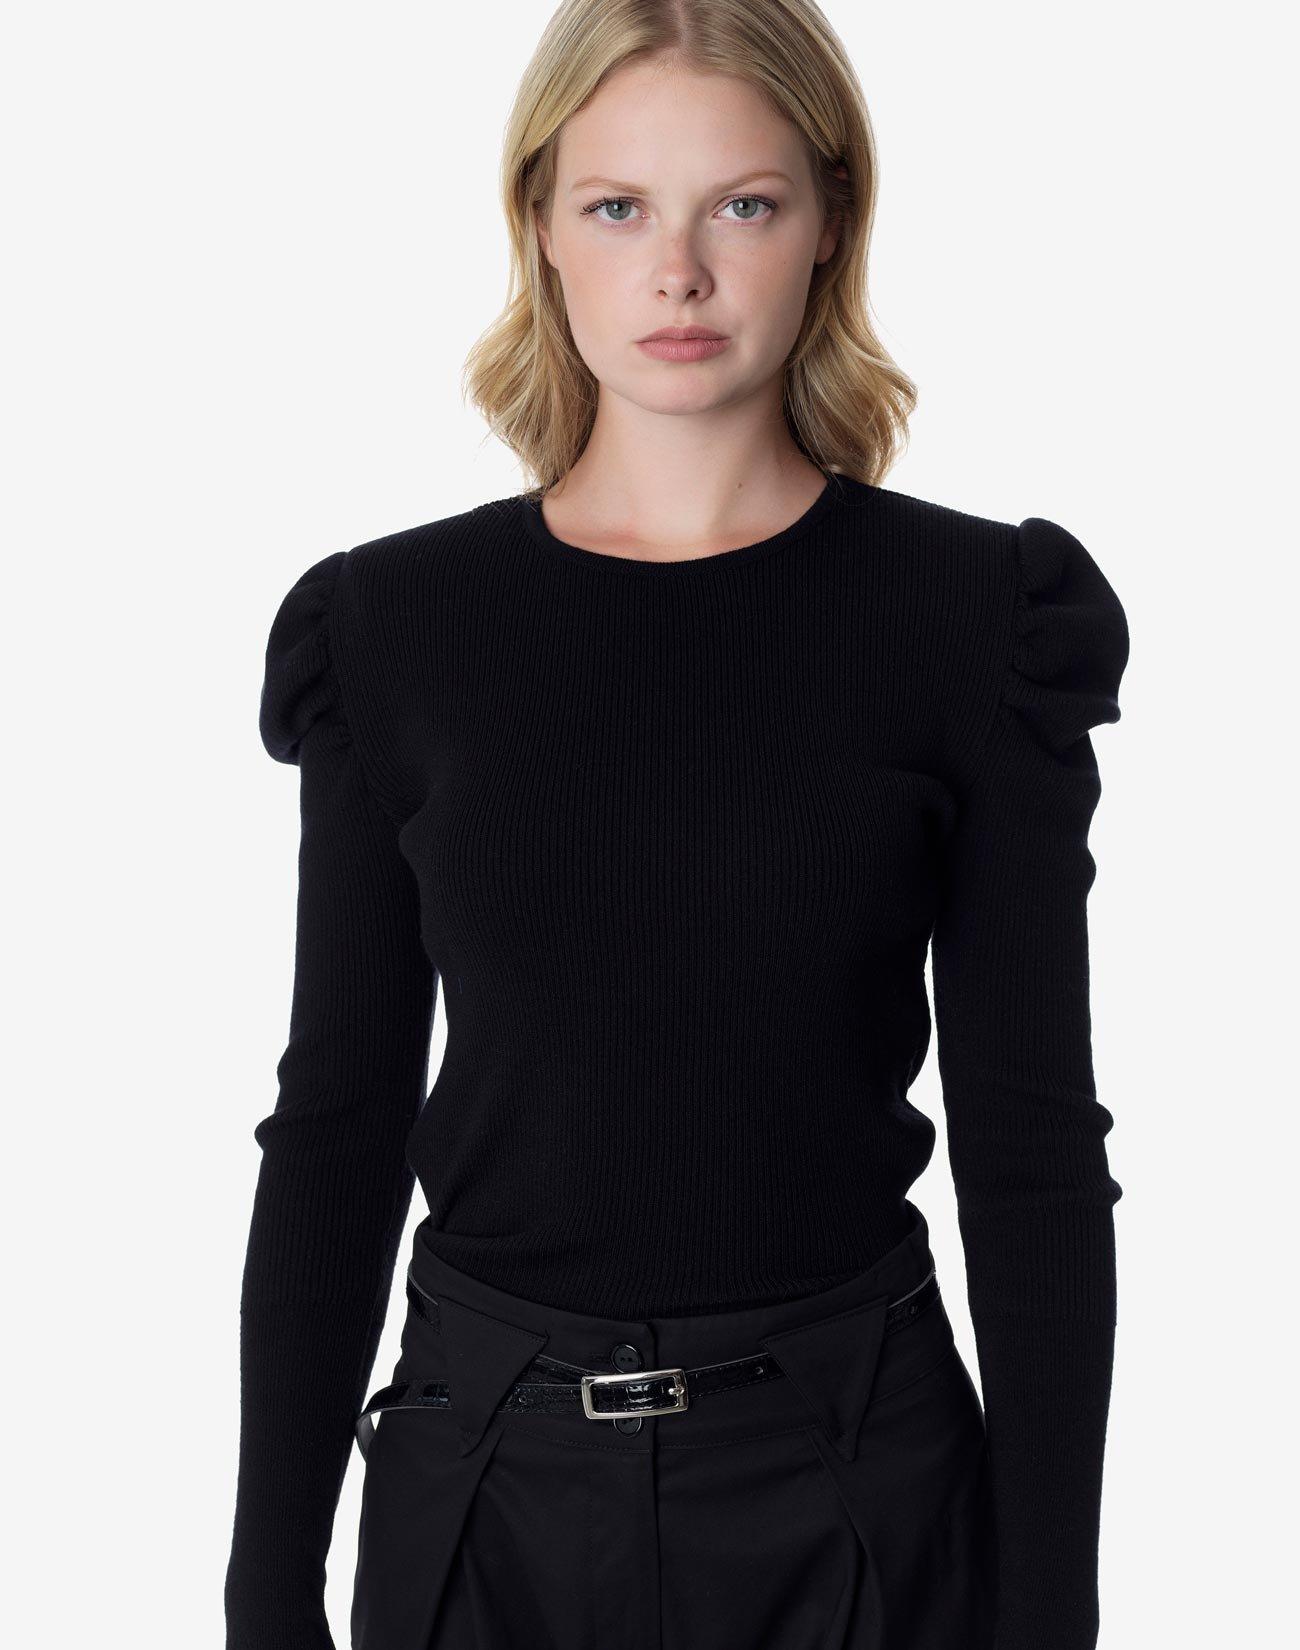 Ριπ πλεκτή μπλούζα